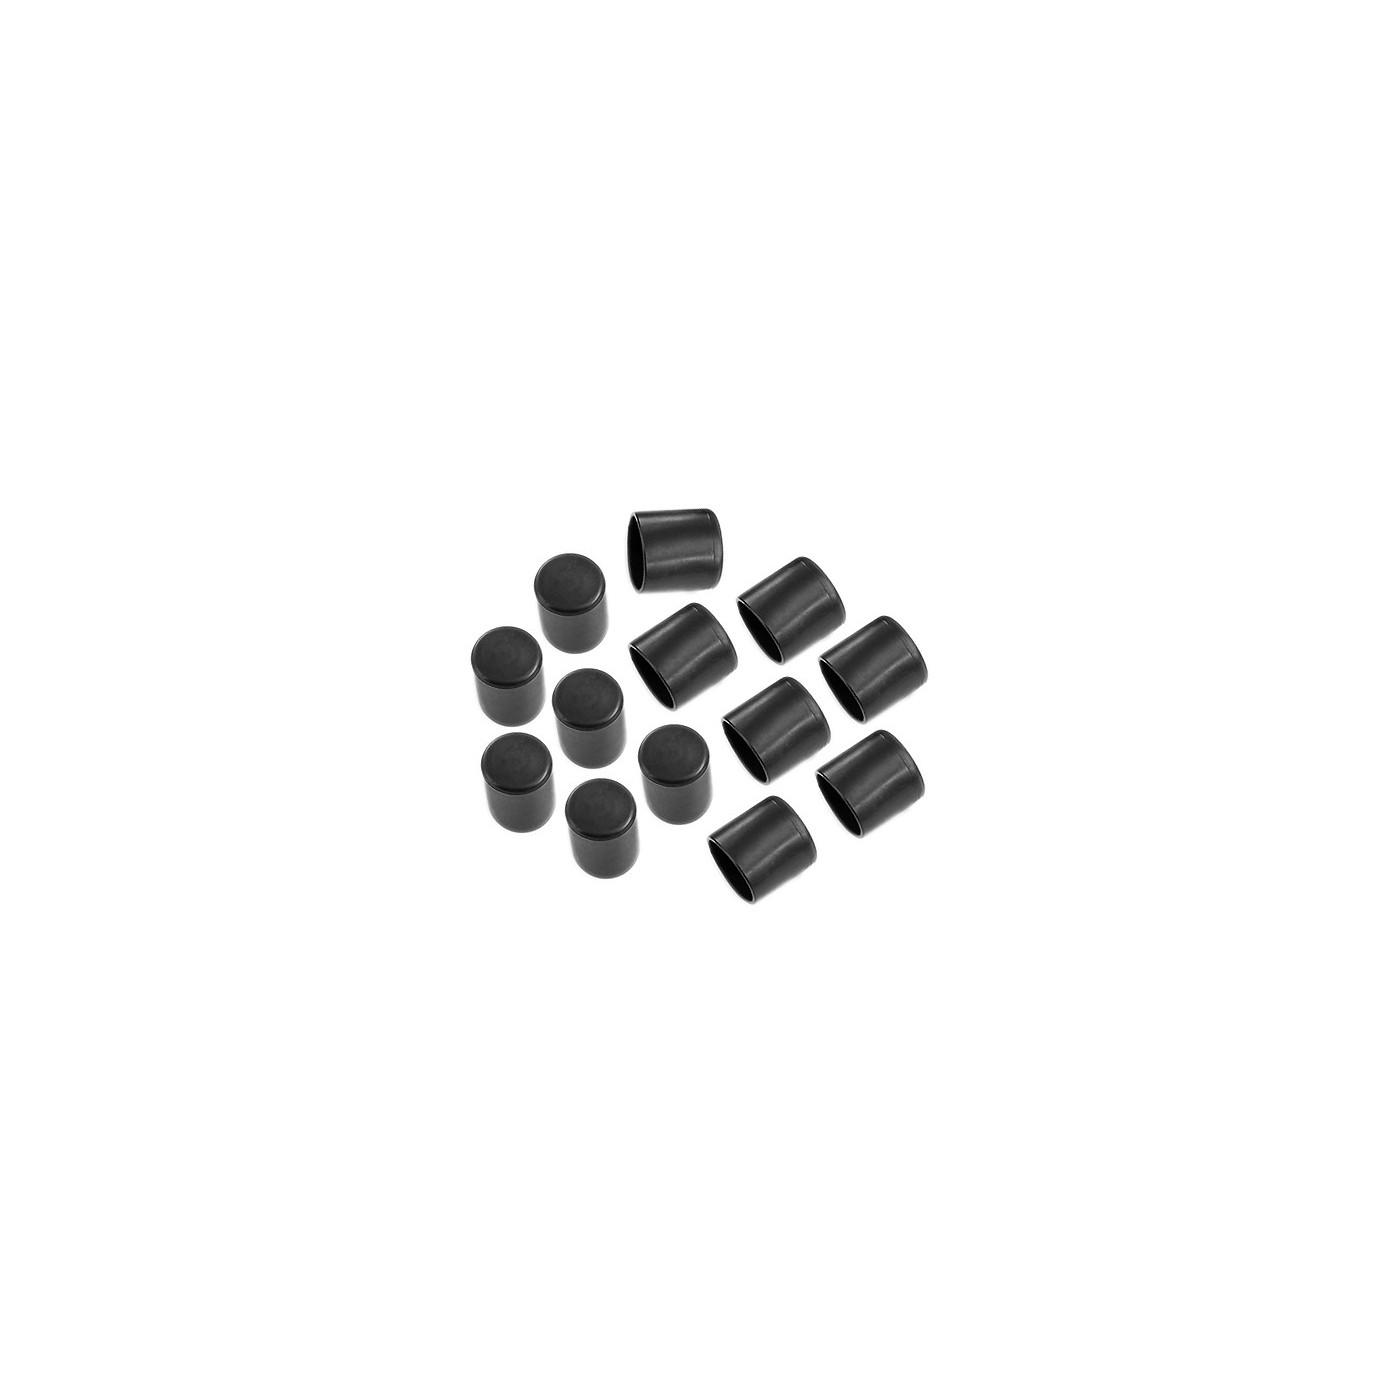 Jeu de 32 couvre-pieds de chaise en silicone (extérieur, rond, 19 mm, noir) [O-RO-19-B]  - 1